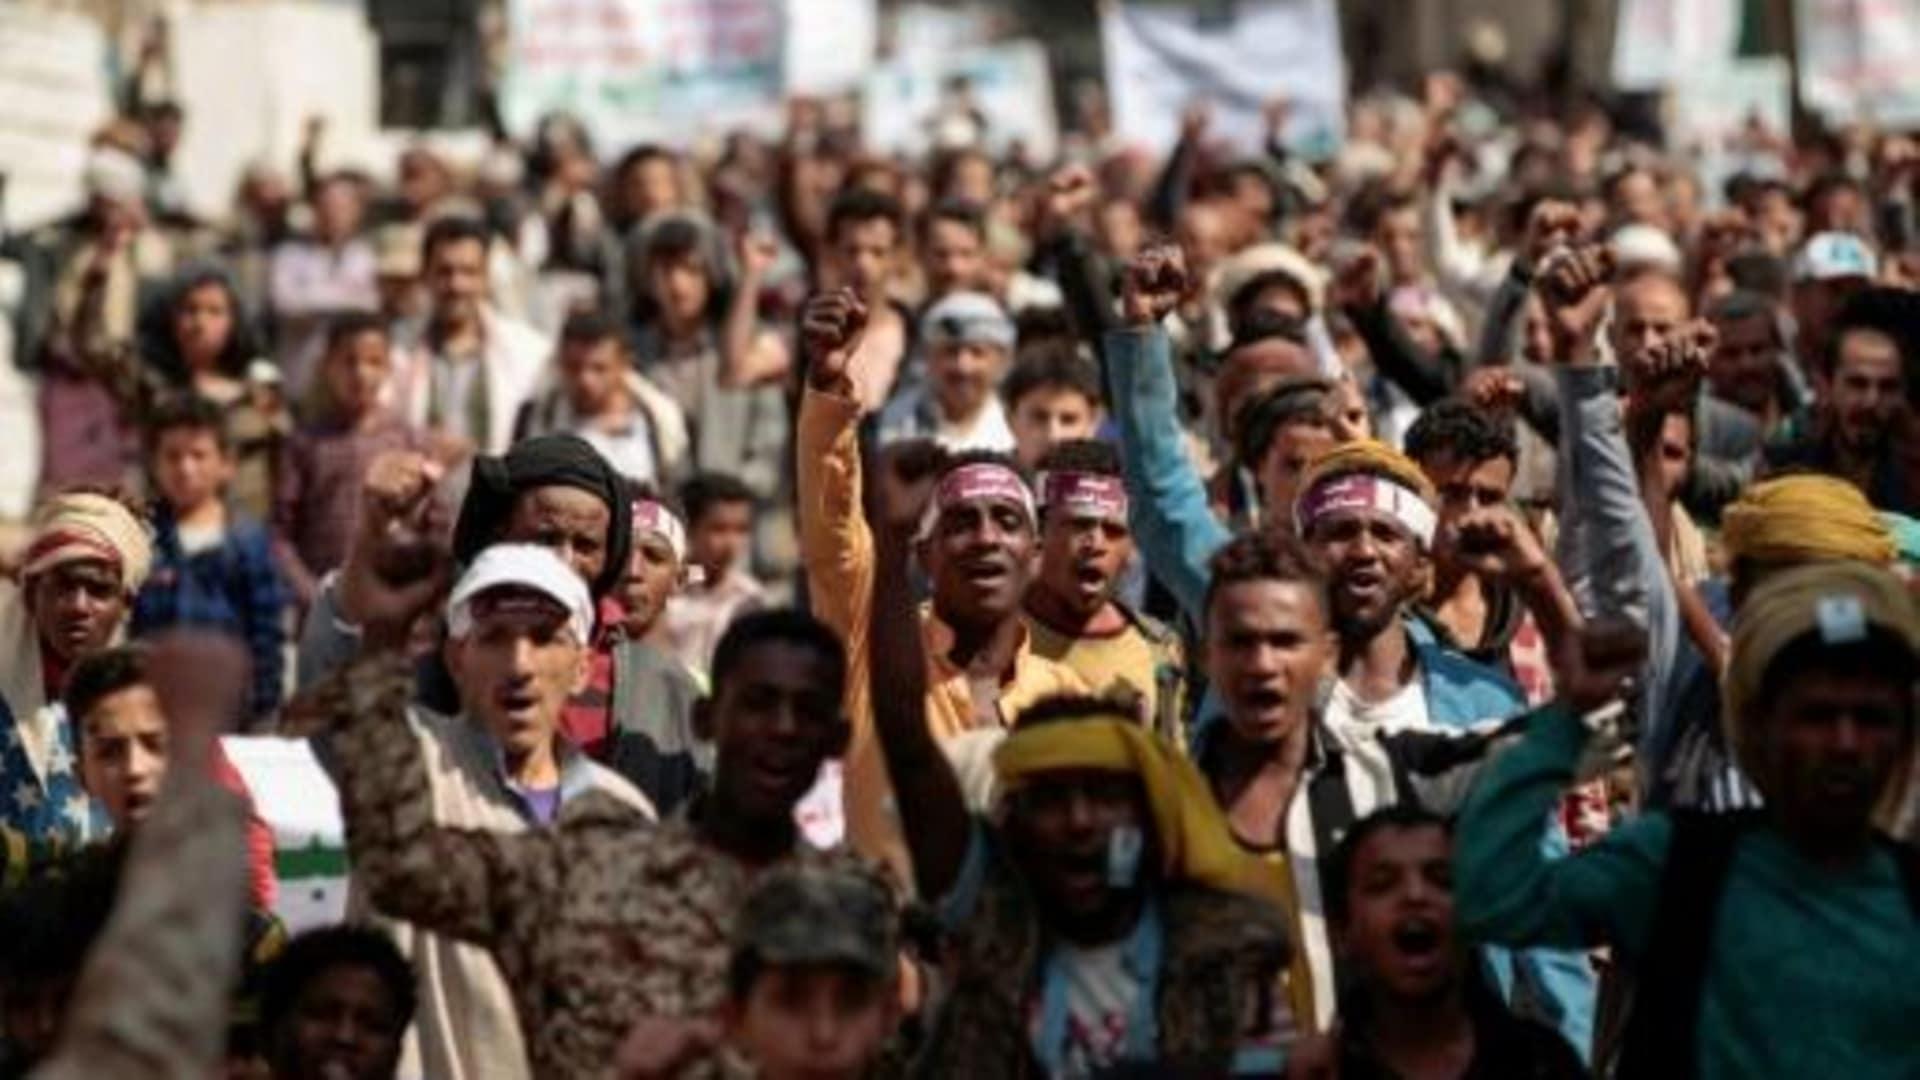 محافظ حضرموت يُعلن الإلتزام بعلاج المواطنين المصابين في الأحداث الأخيرة